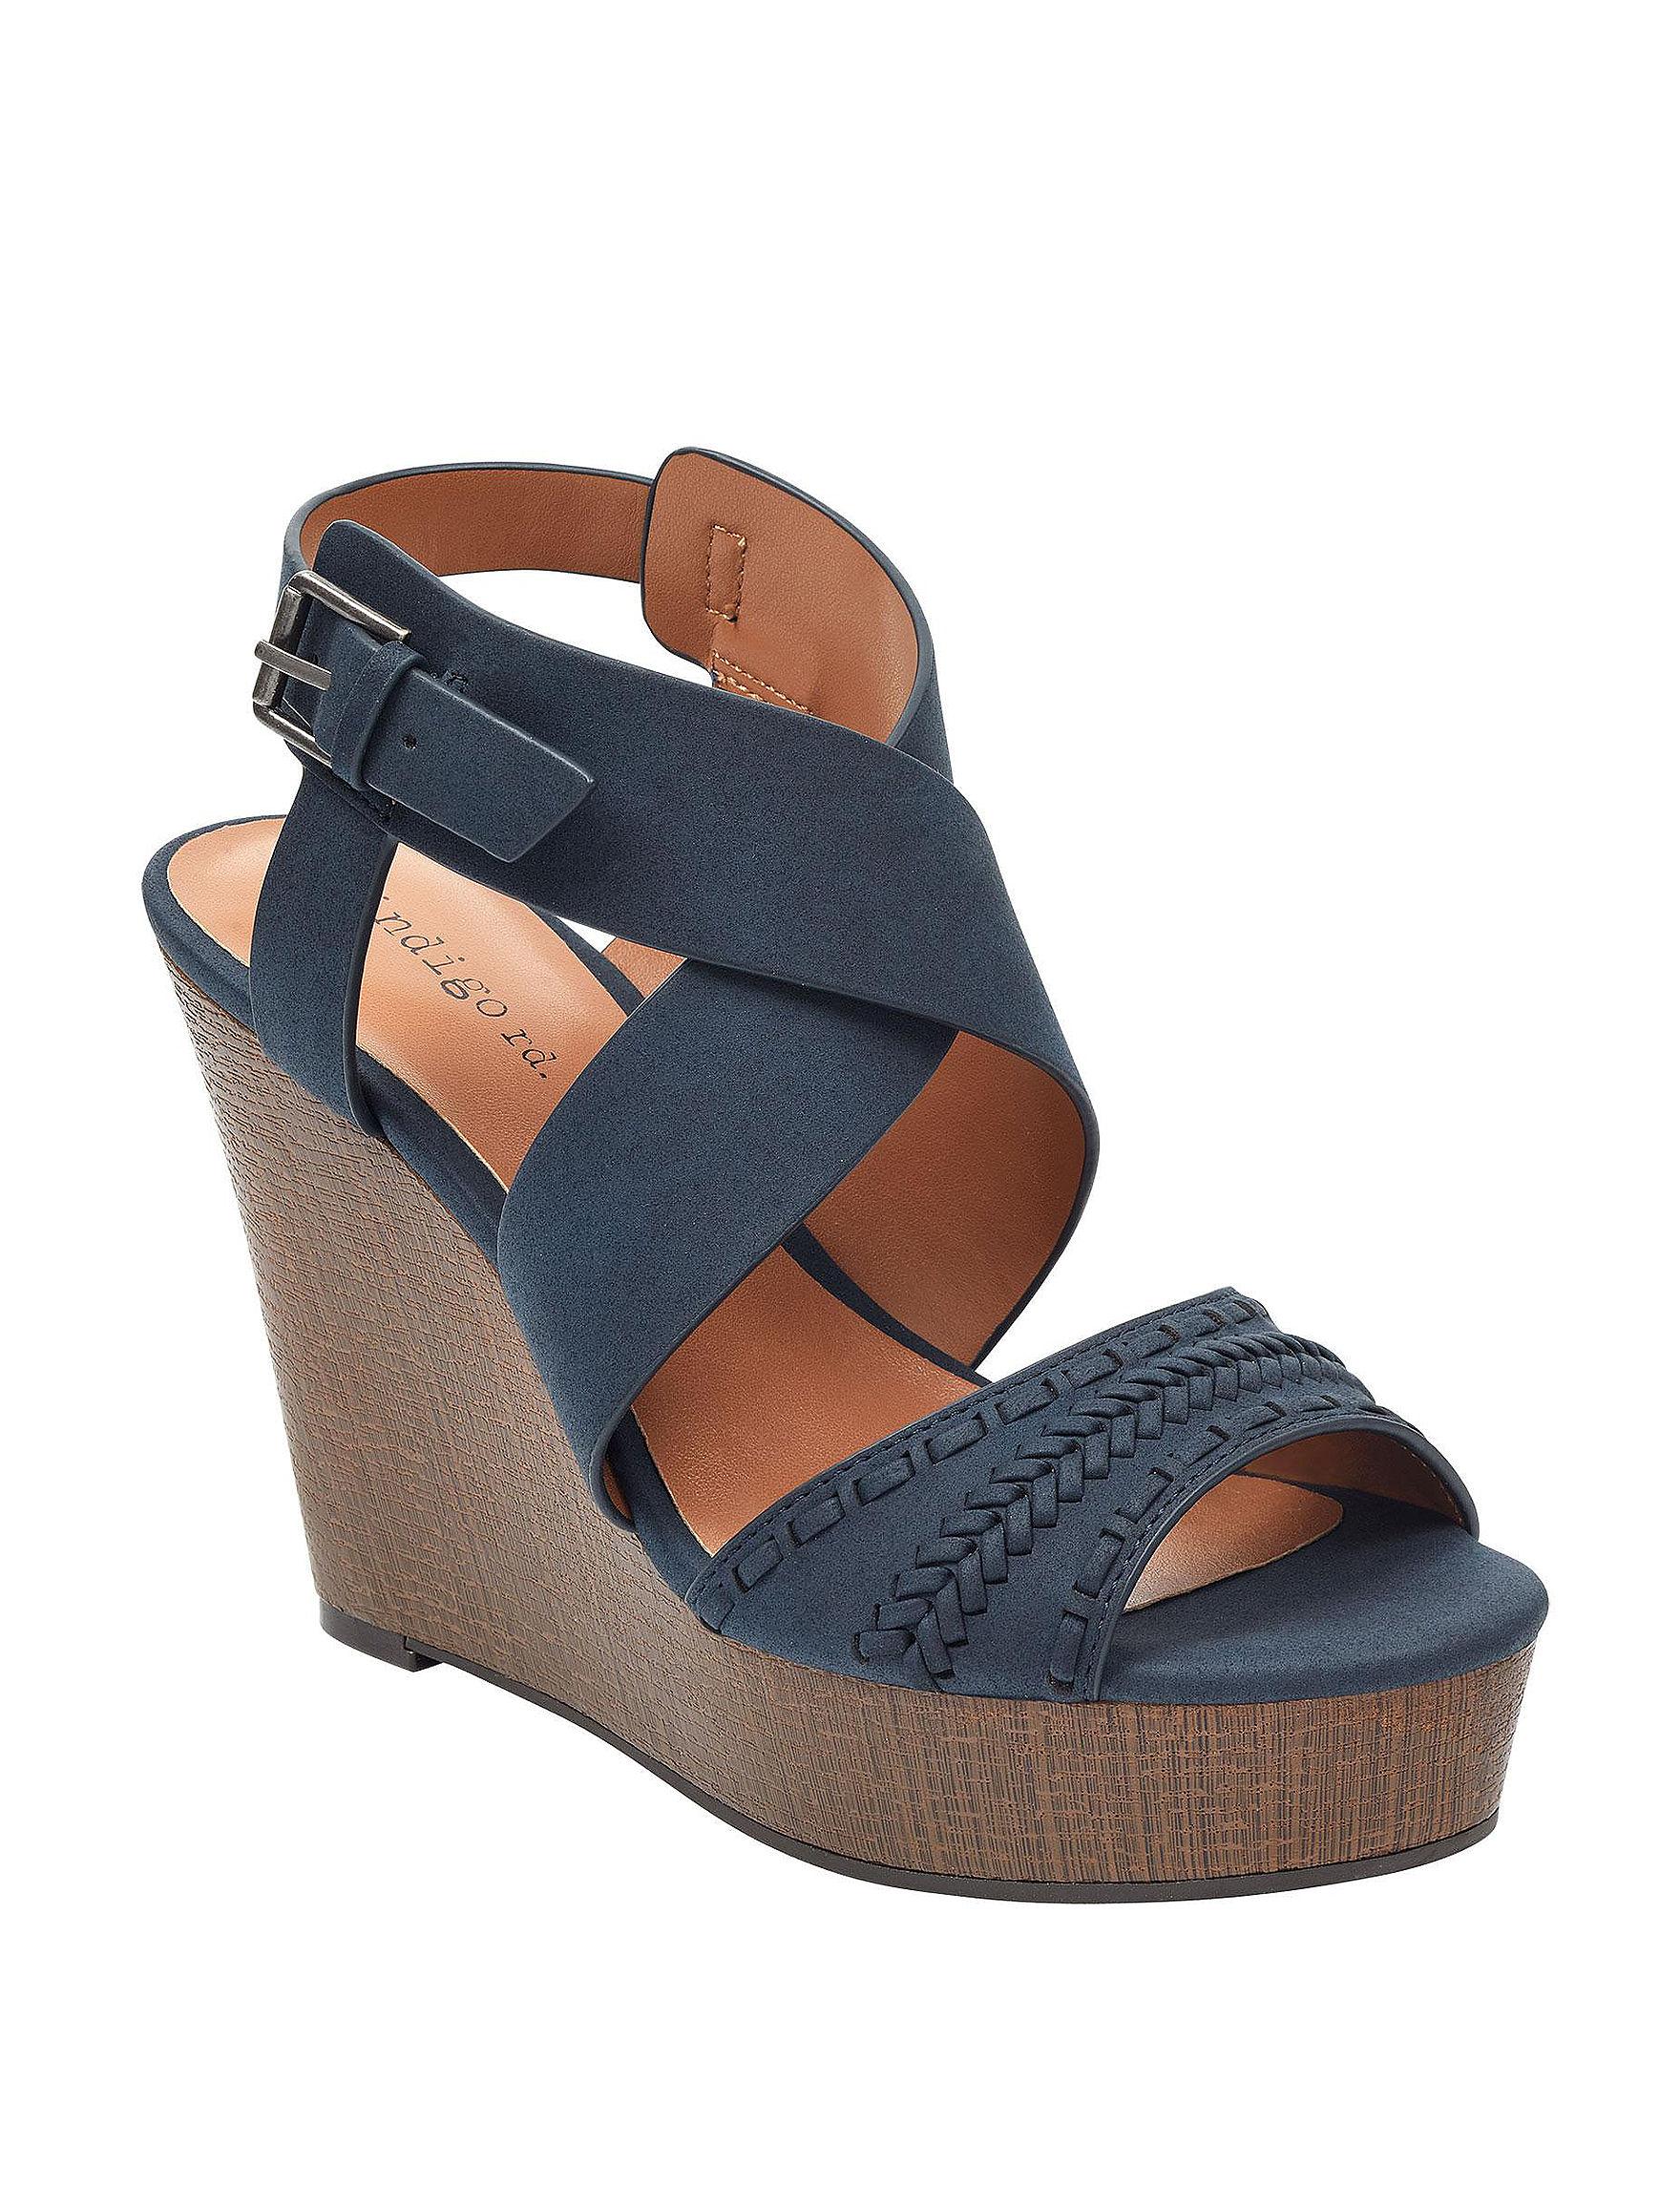 Indigo Rd. Navy Platform Wedge Sandals